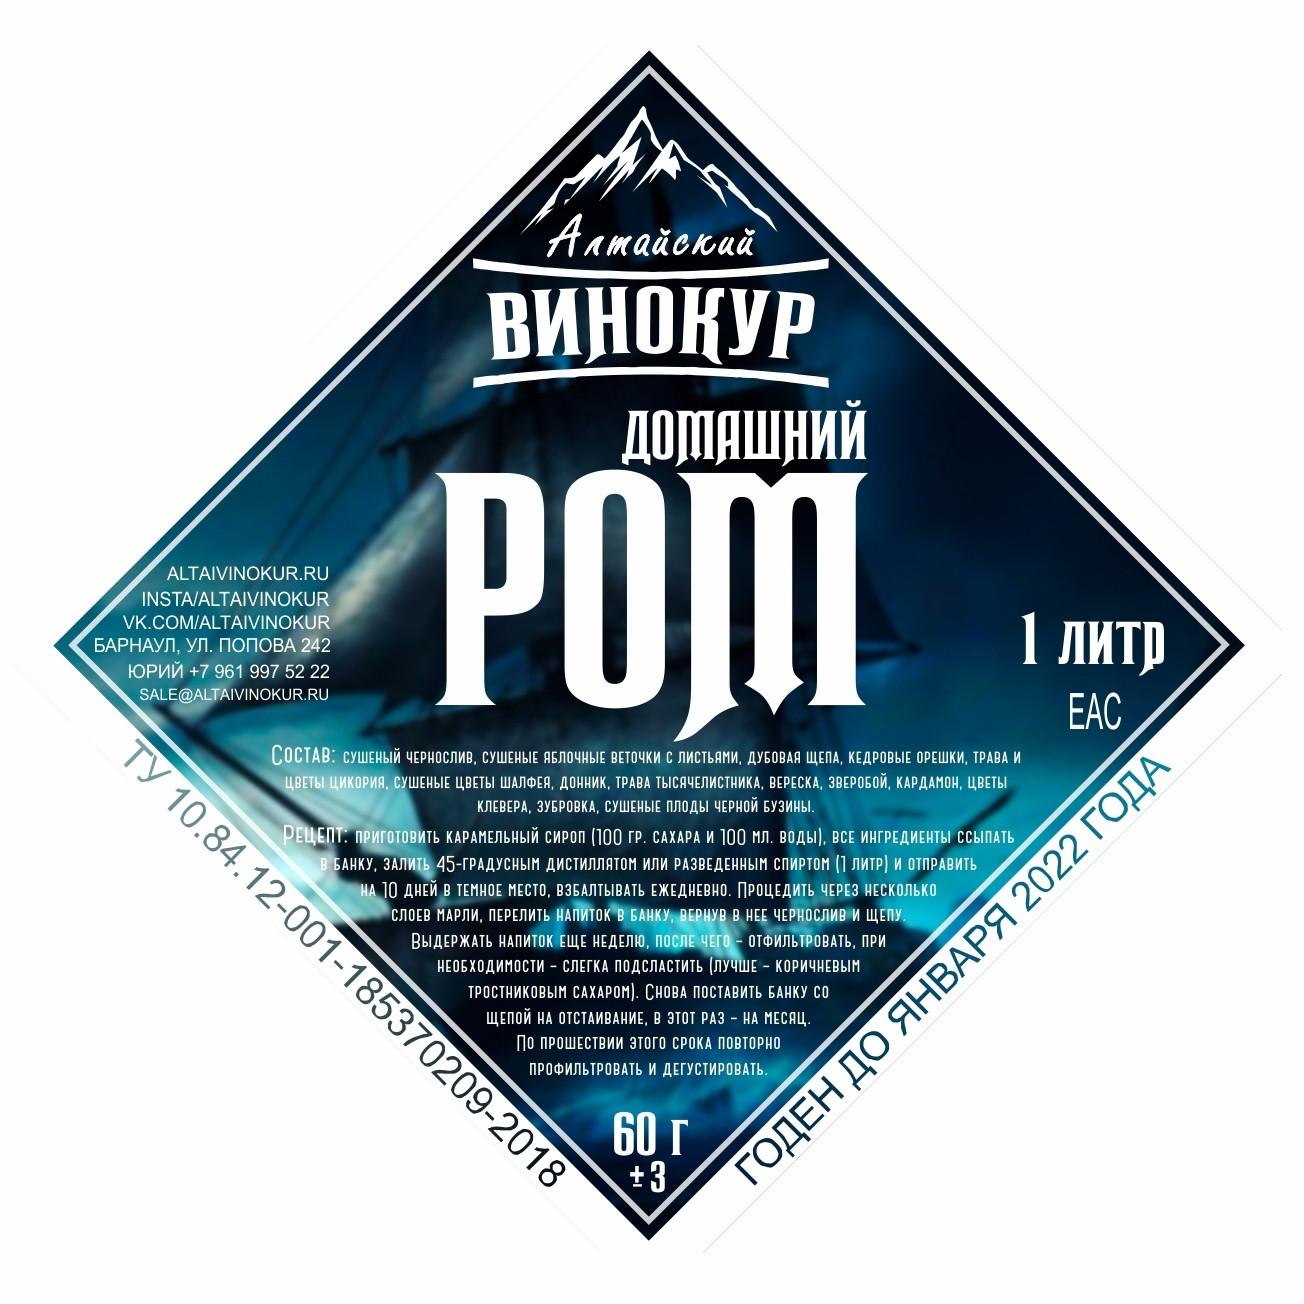 """Набор для настаивания """"Домашний Ром"""" (Алтайский винокур)"""